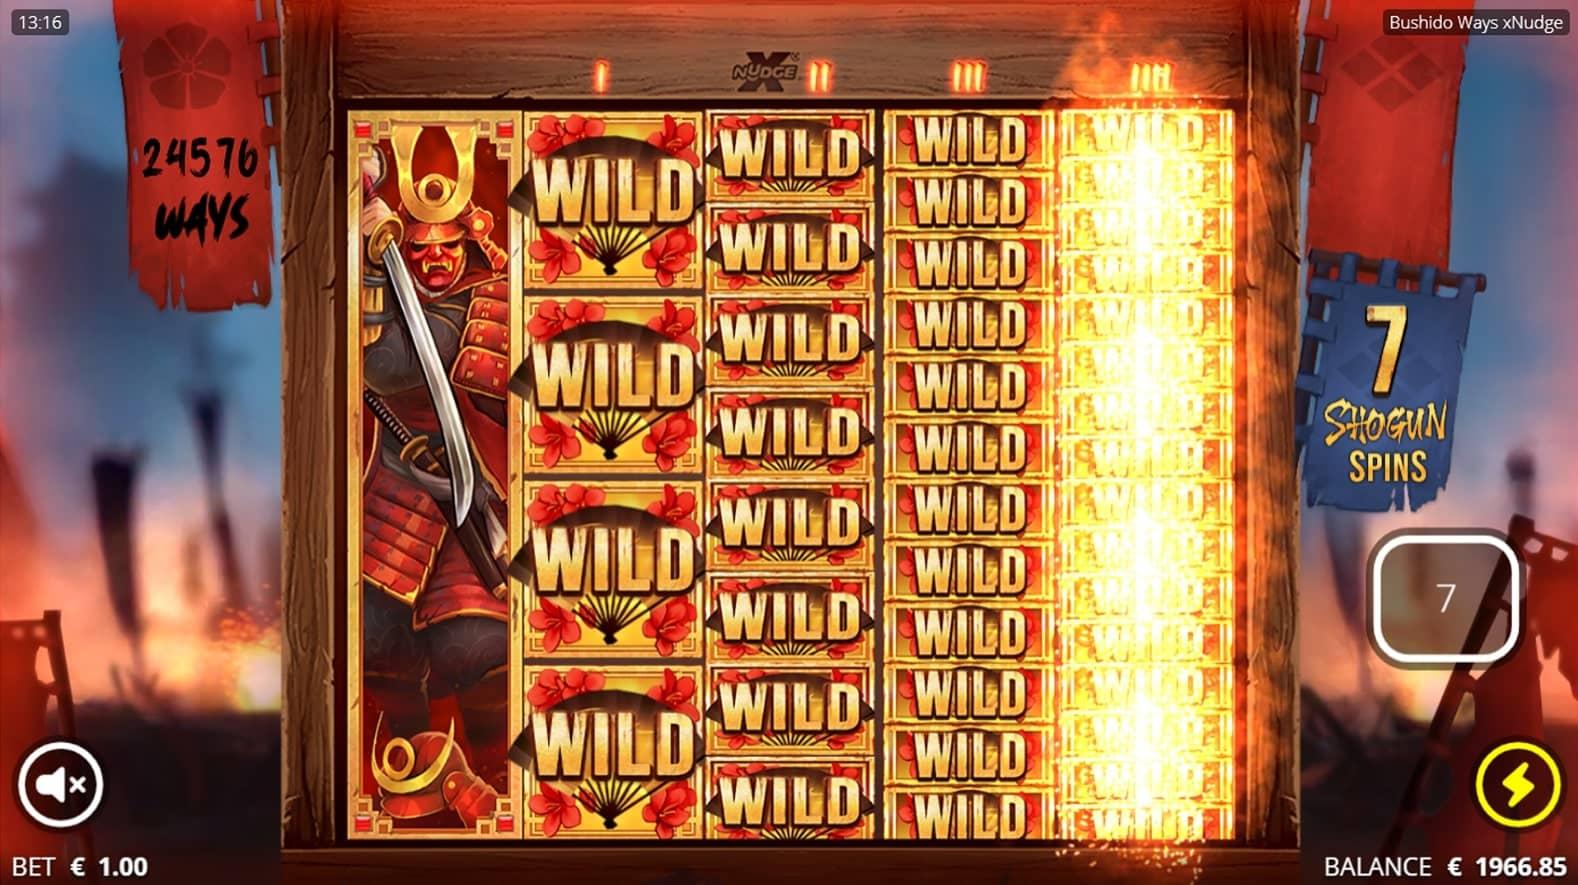 Bushido Slot Free Spins